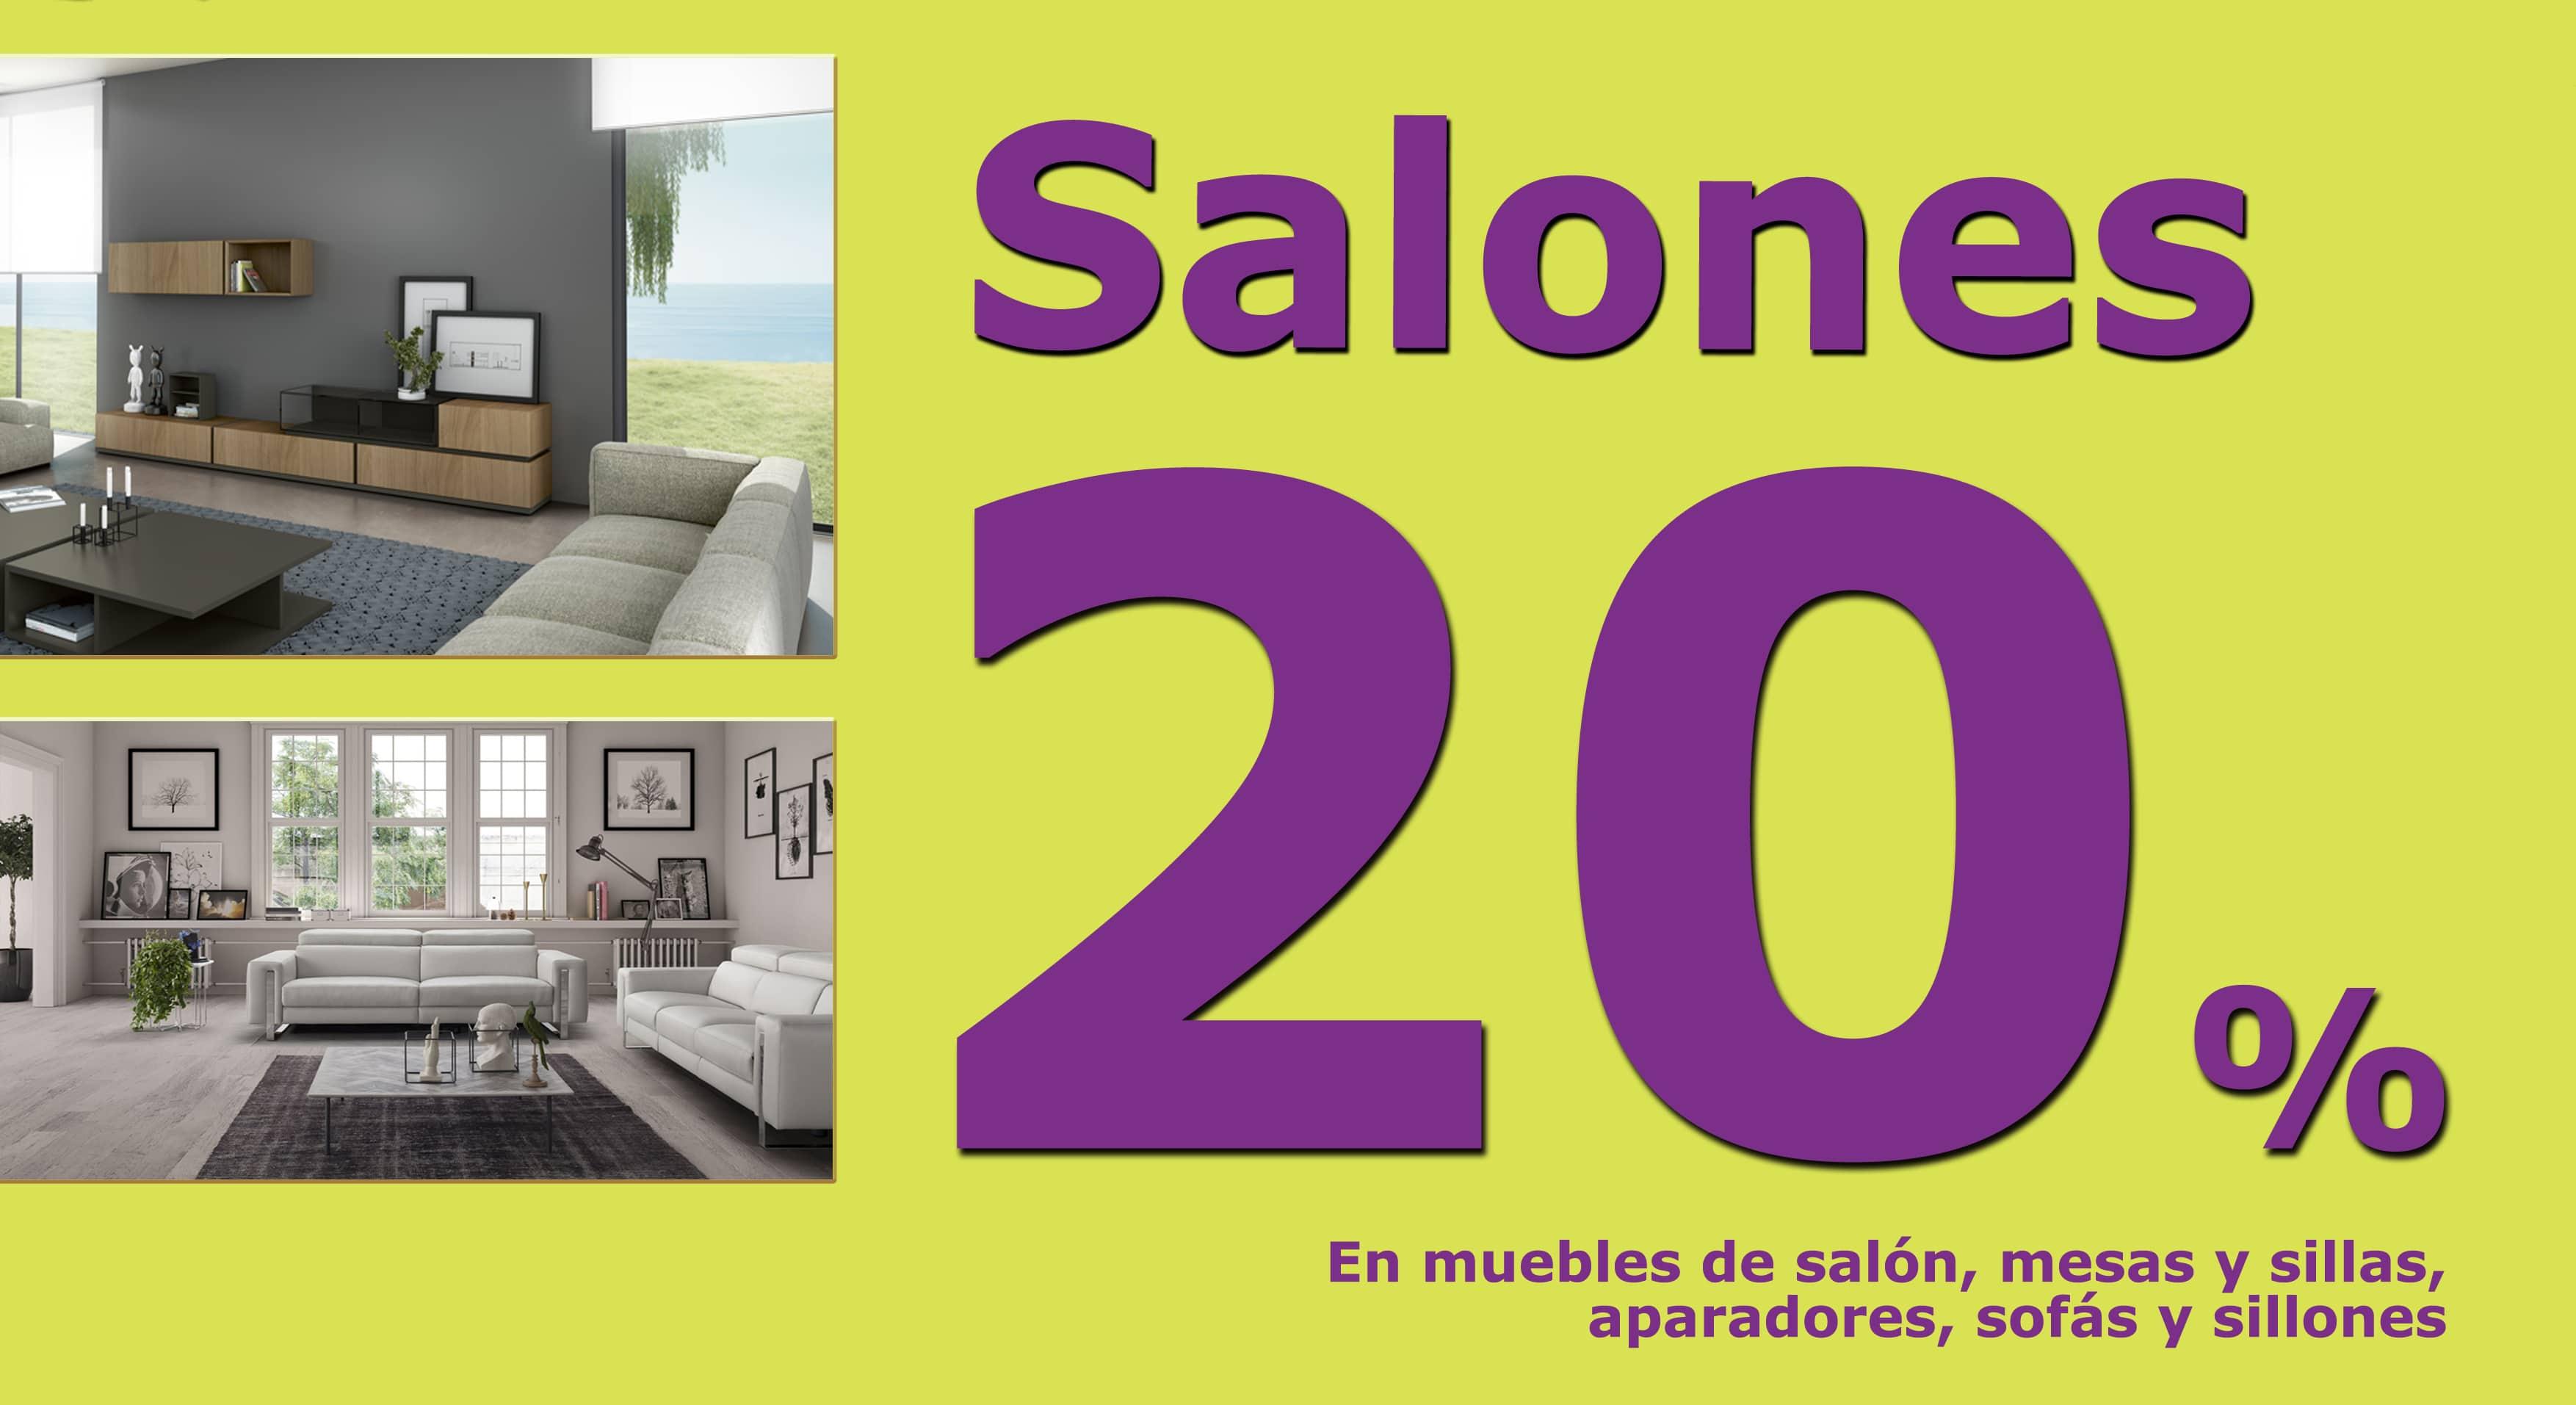 Campa A De Salon Bautista Muebles Y Decoraci N # Muebles Bautista